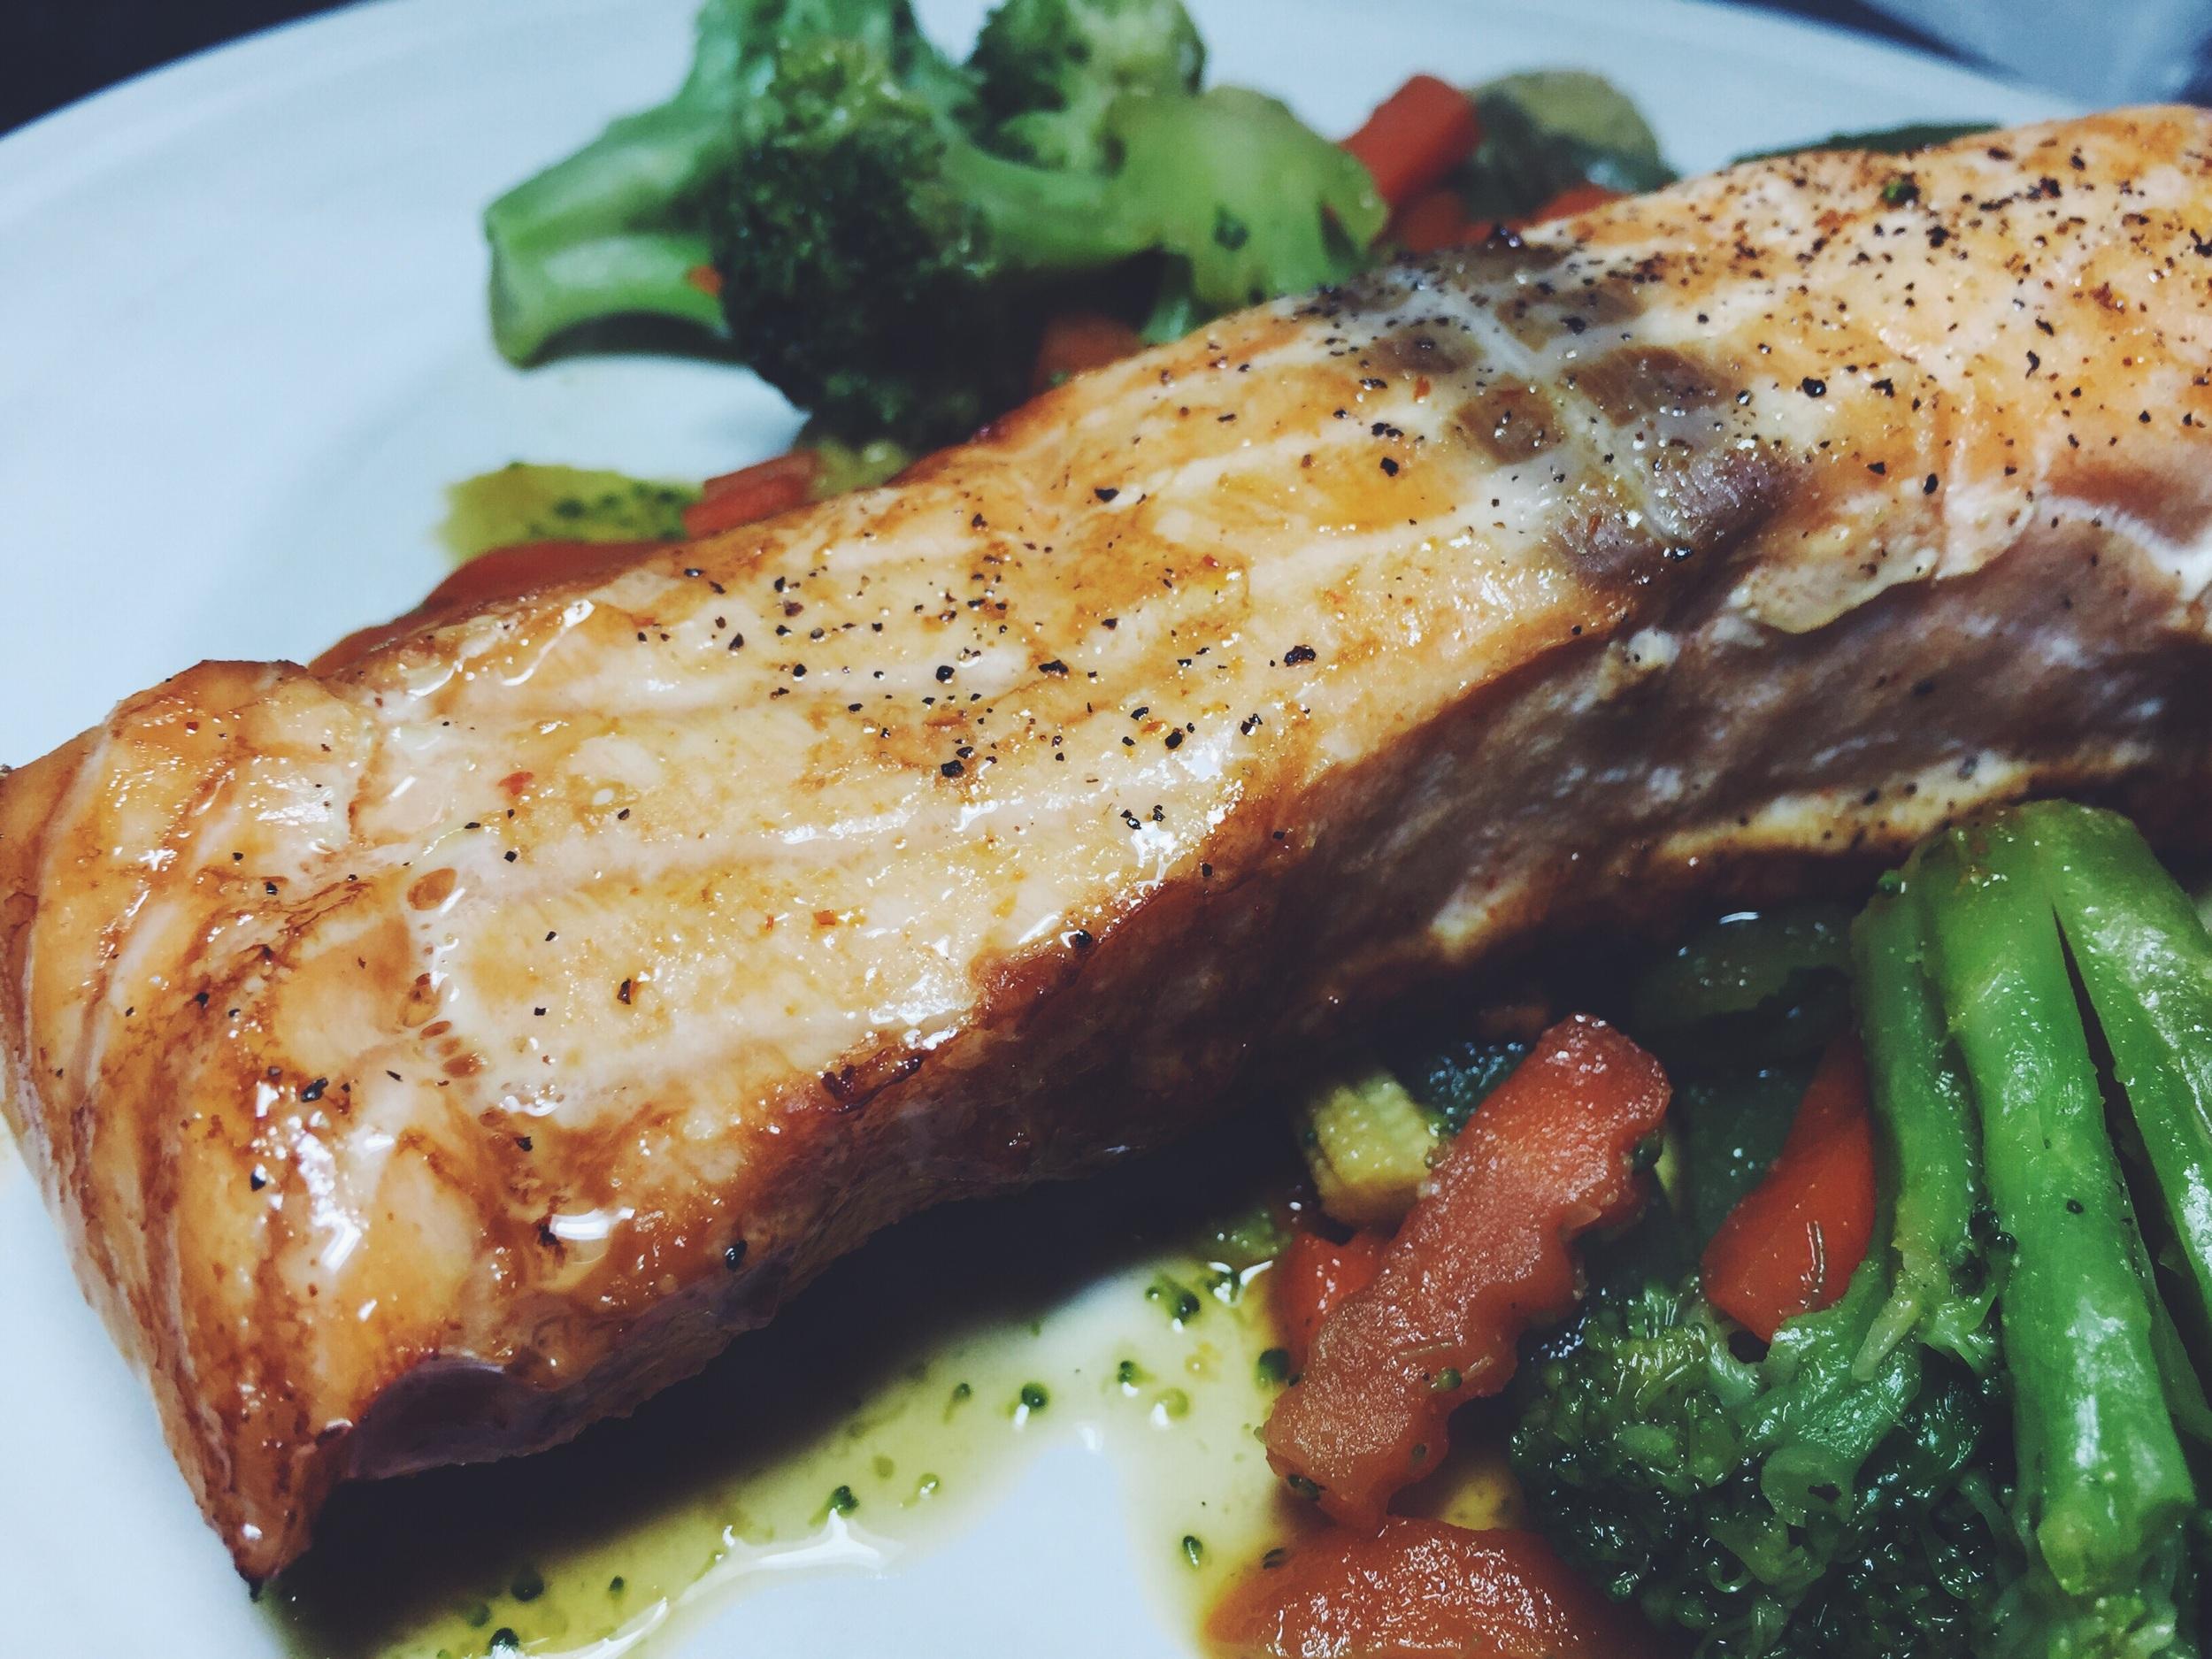 asian-inspired foil-baked salmon